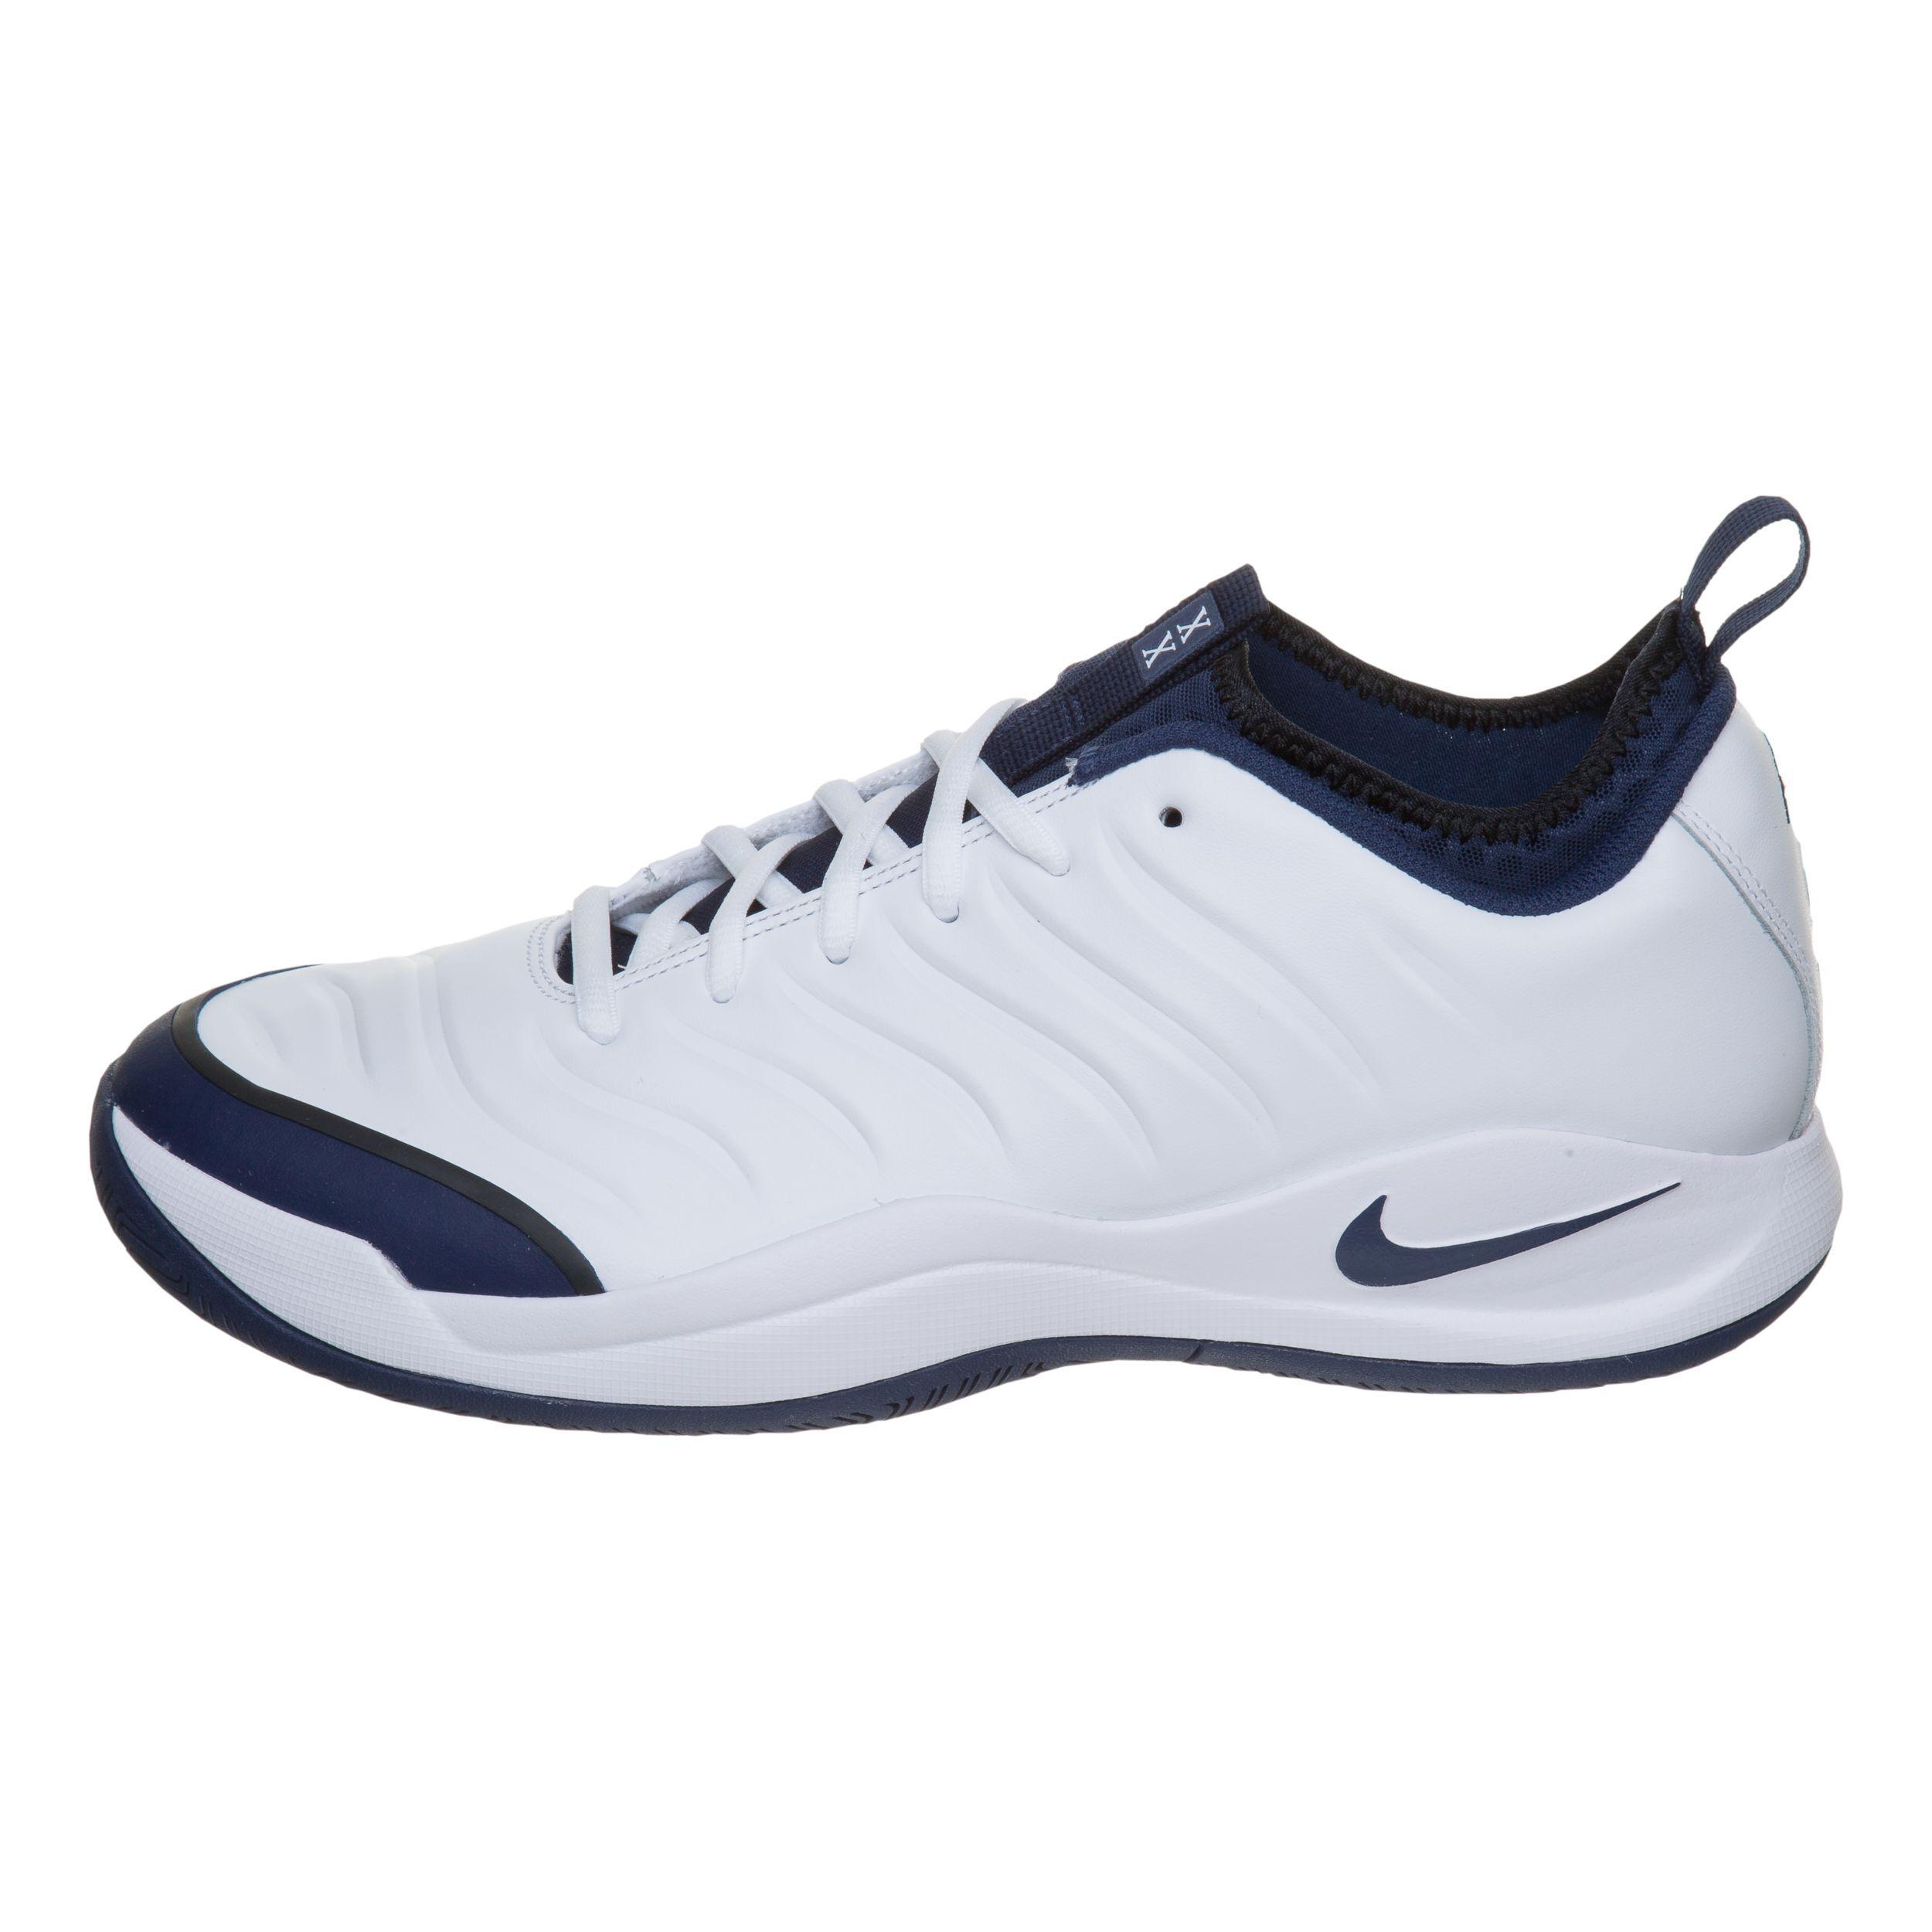 Nike Air Zoom Oscillate Allcourt sko Herrer Hvid, Mørkeblå